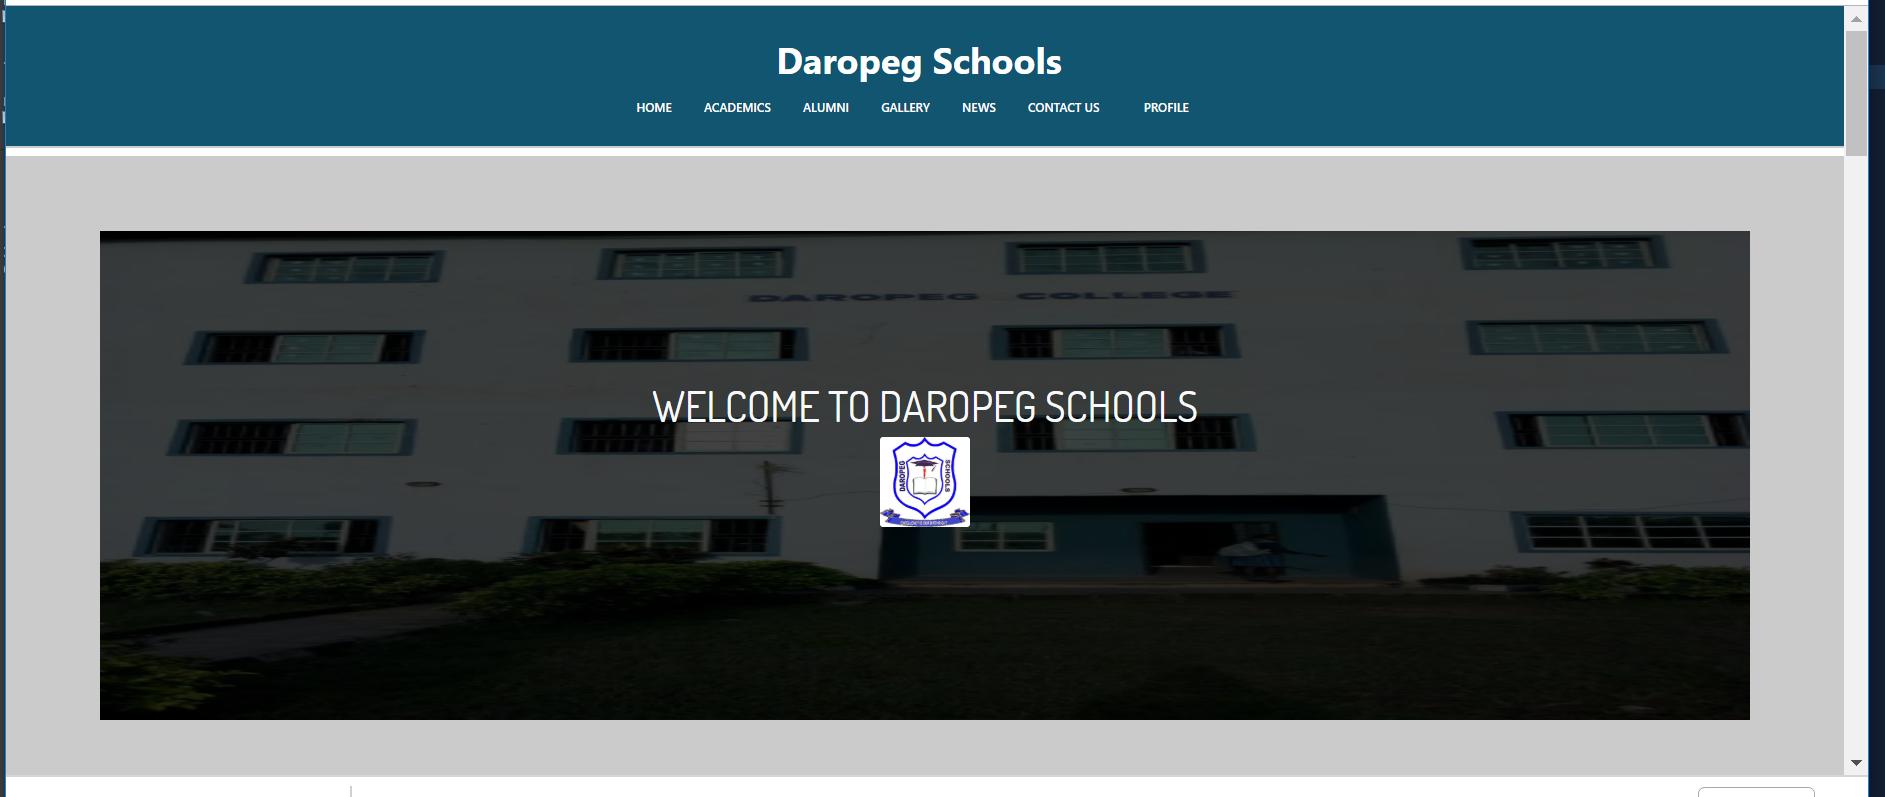 Daropeg Schools